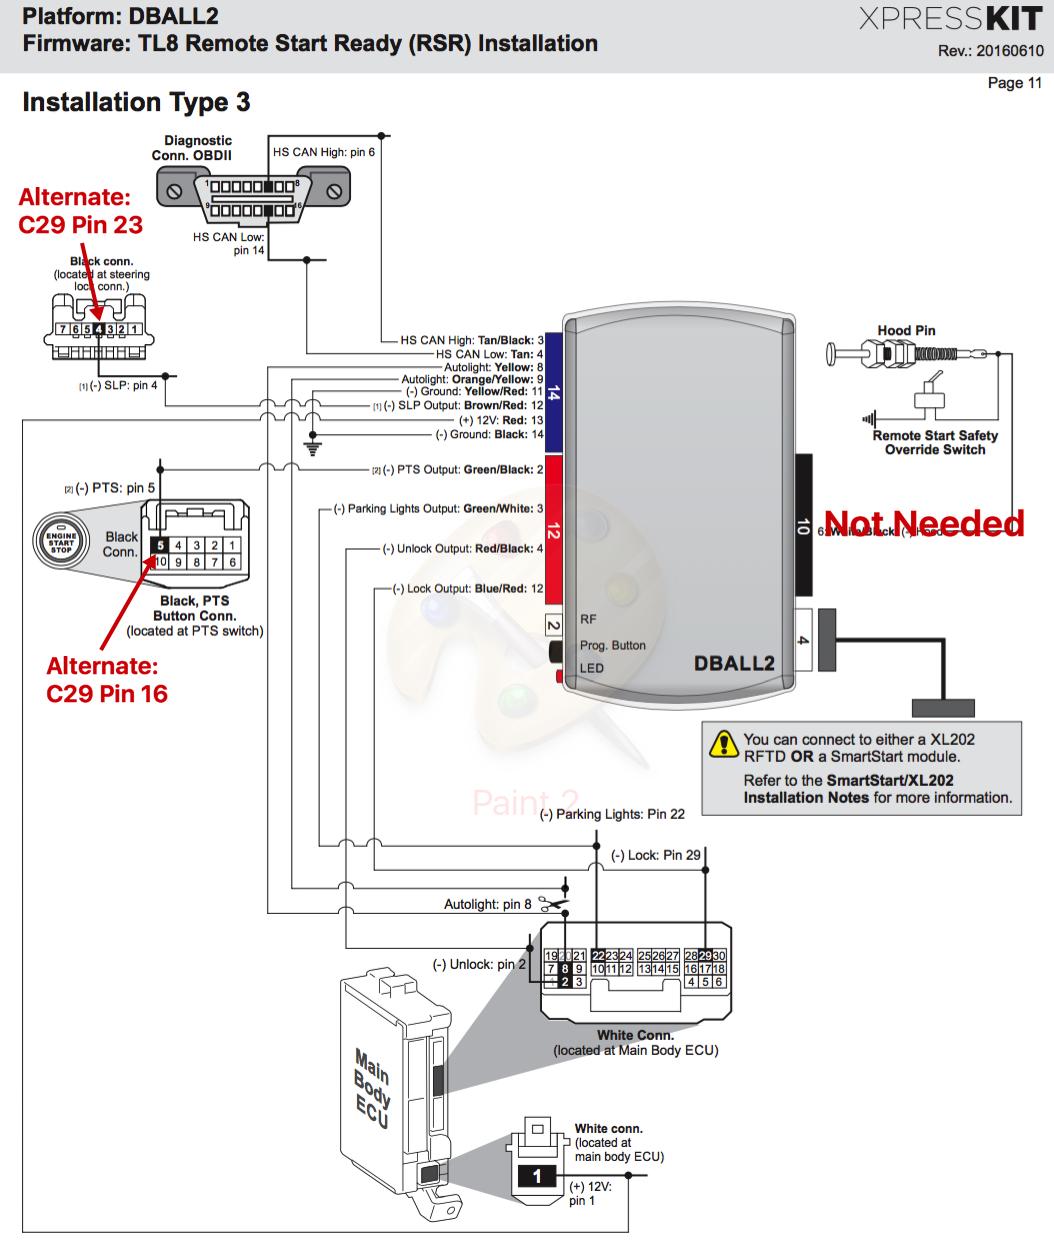 Dei Remote Start Wiring Diagram Tribute   Wiring Diagram - Dball2 Wiring Diagram